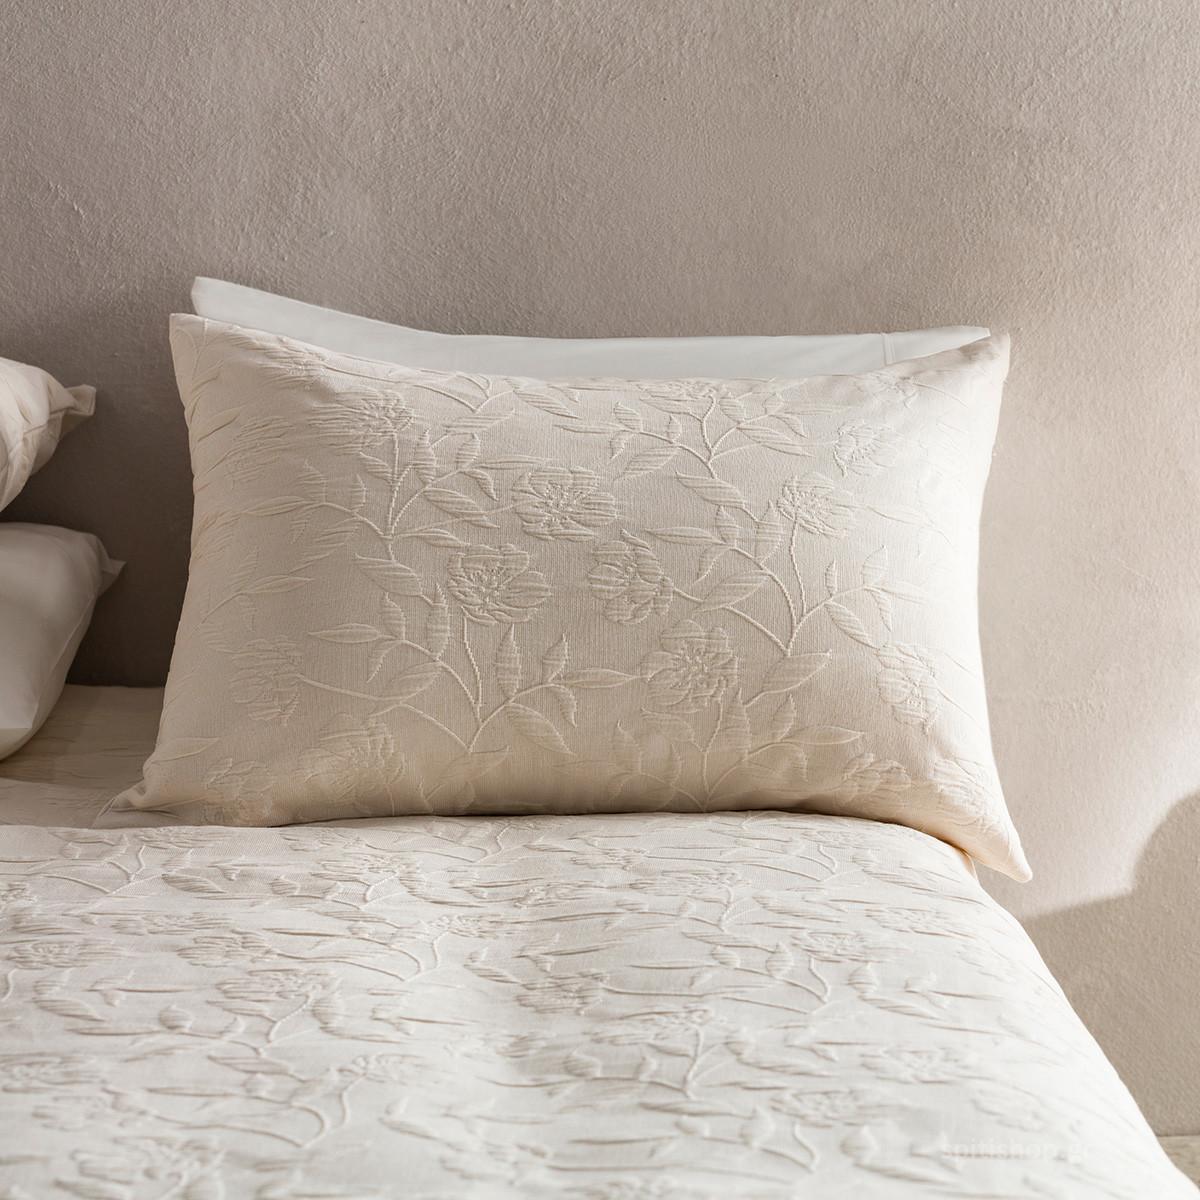 Μαξιλαροθήκη Ύπνου Gofis Home Laurele Natural 978/05